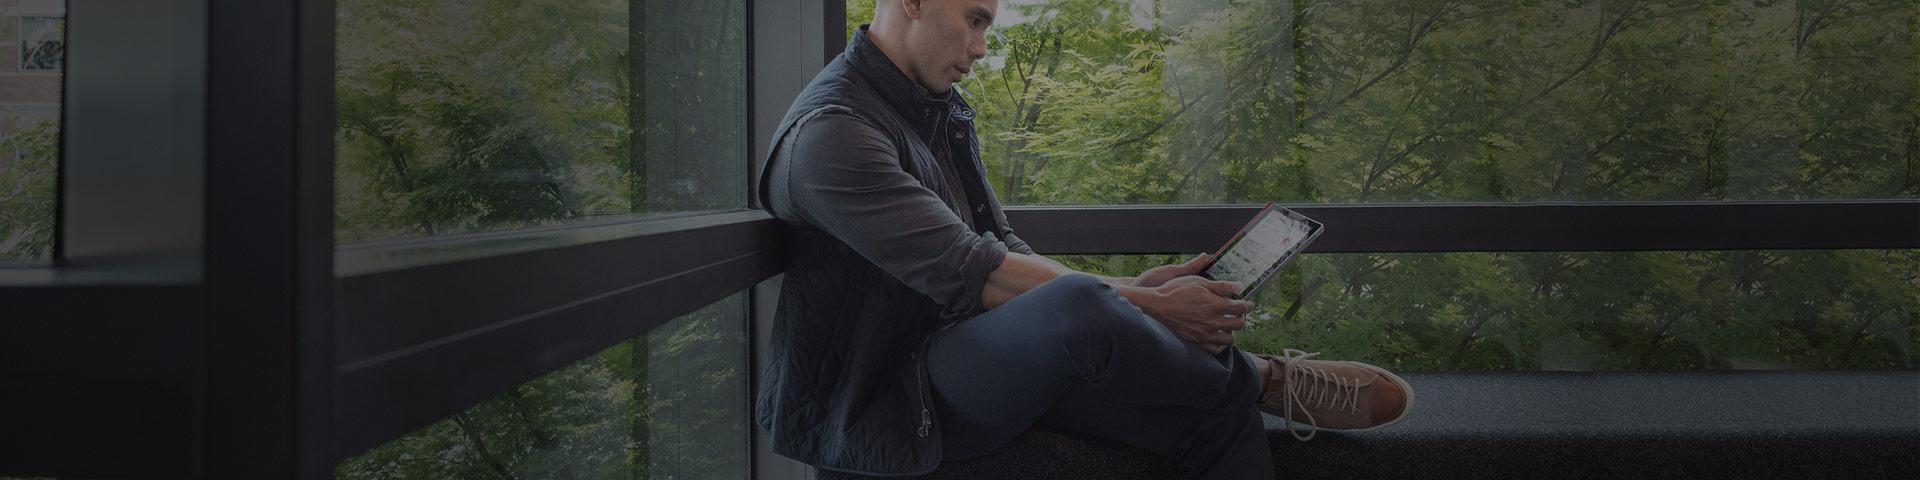 一位男士坐在长凳上,在看他手里的设备